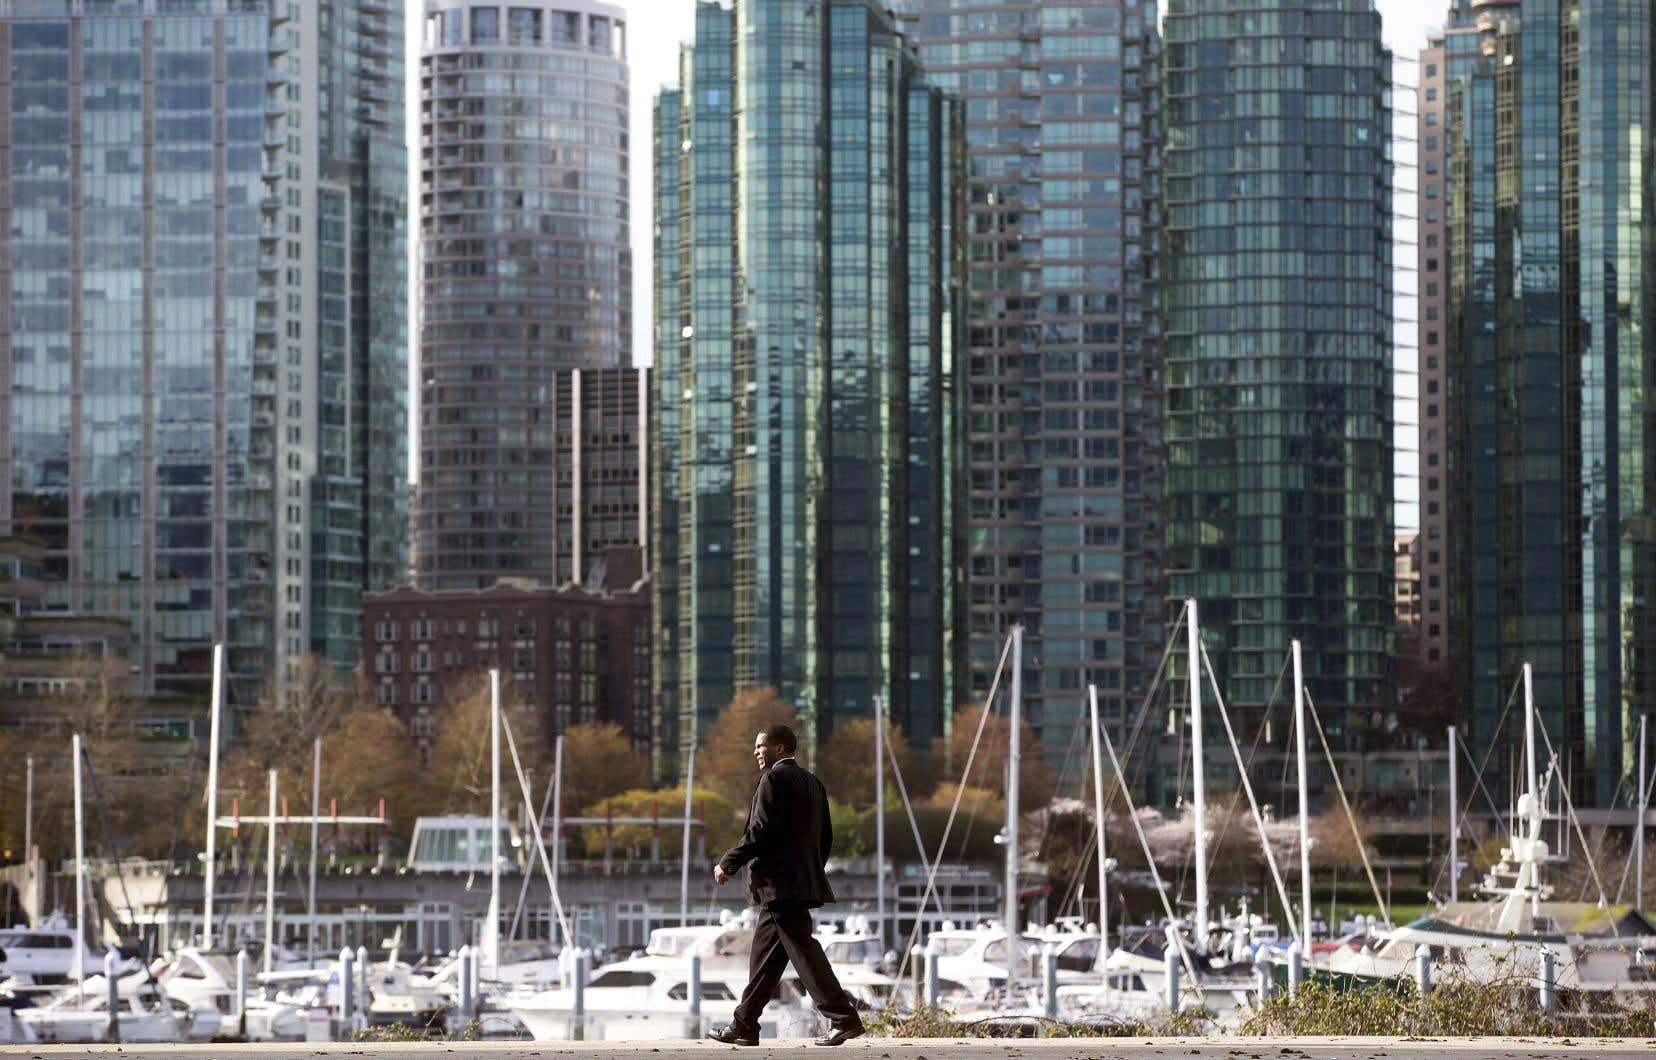 À Vancouver, les ventes de propriétés de luxe ont continué de chuter en raison des retombées d'une intervention gouvernementale.